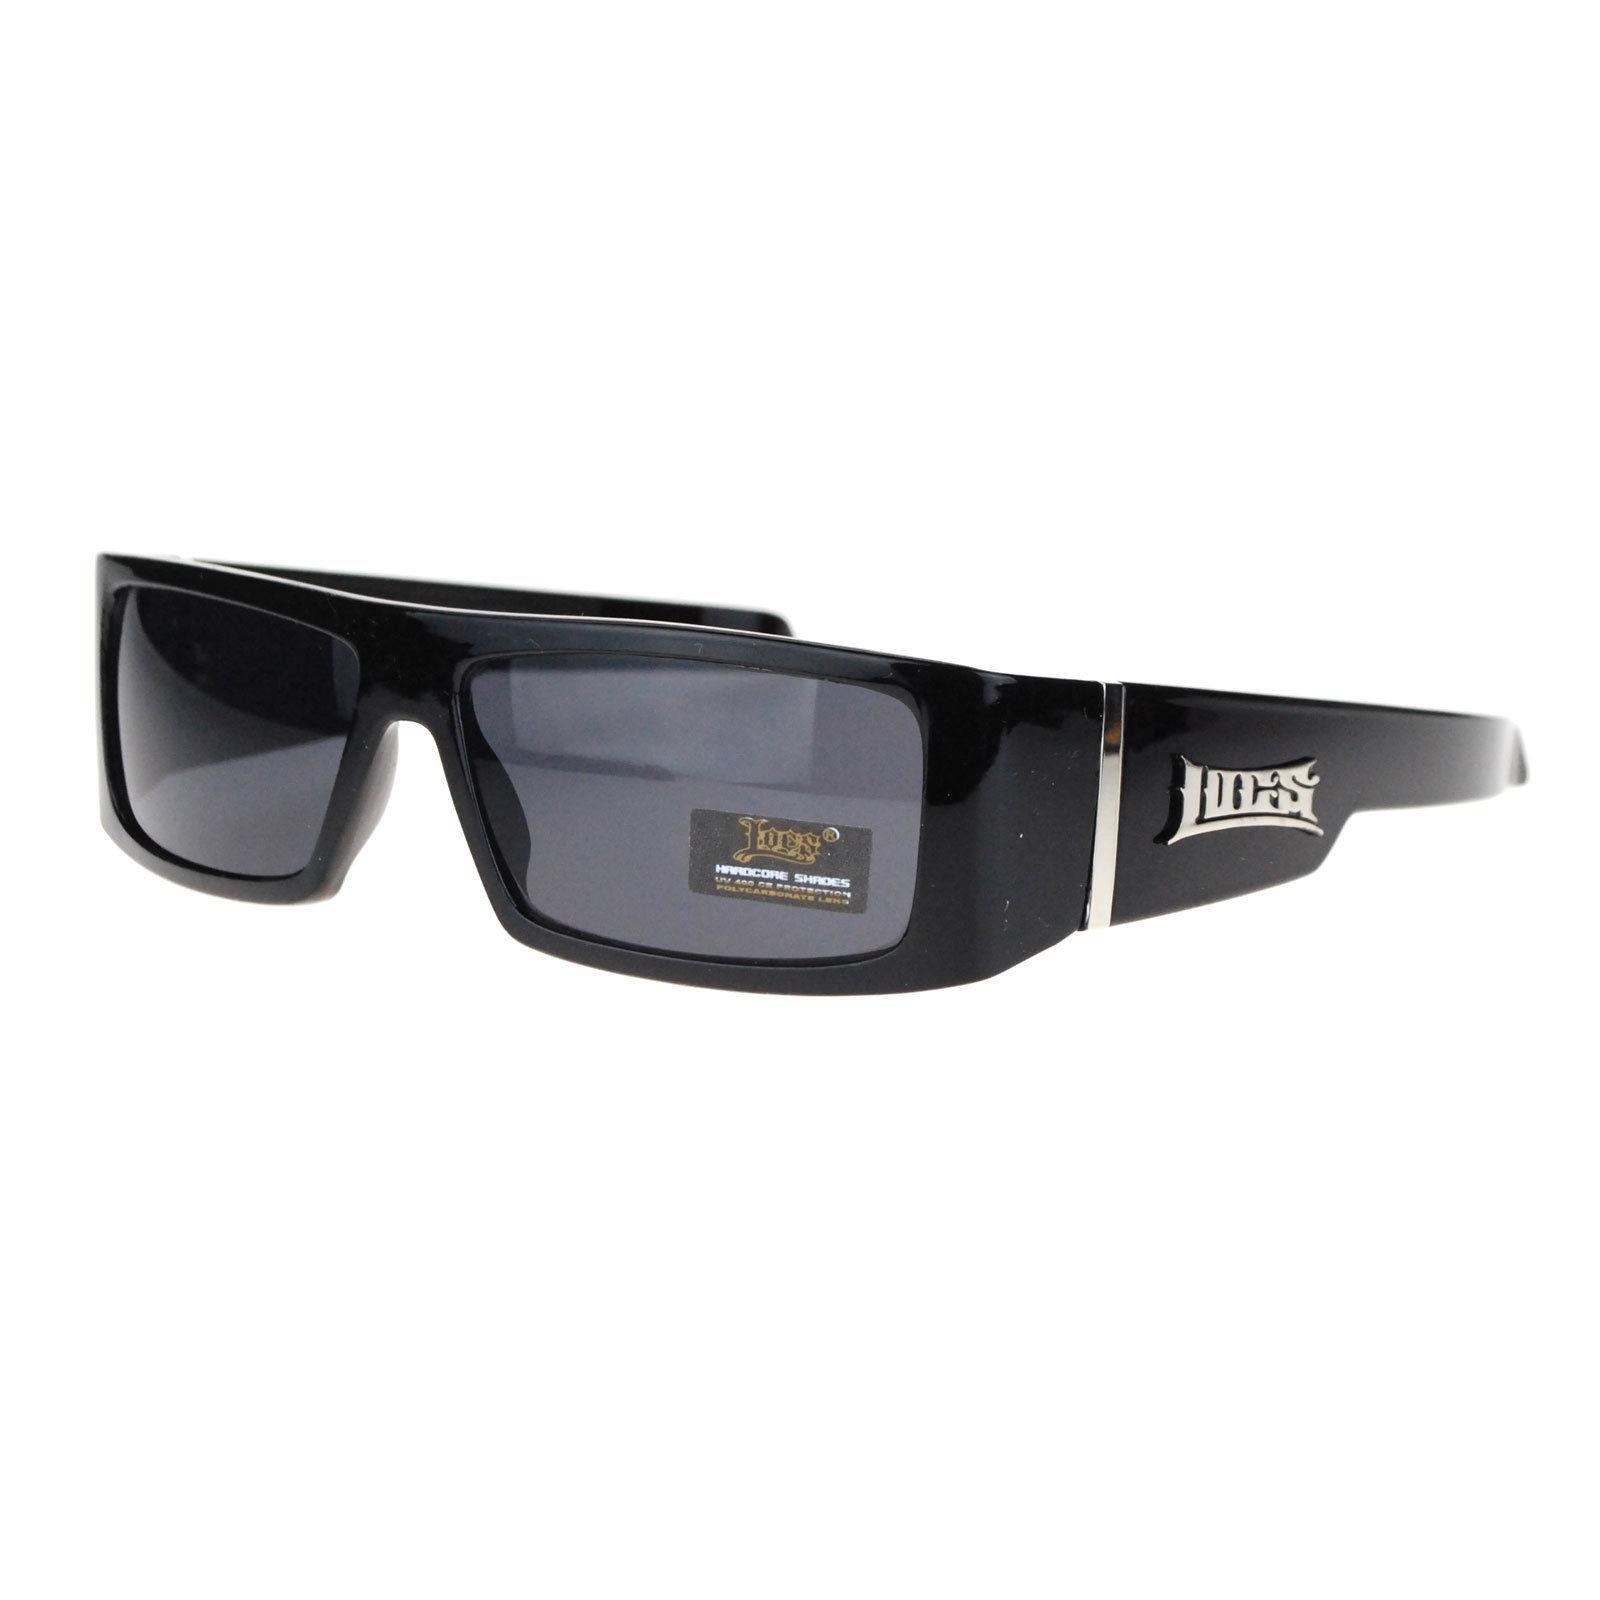 9469fe8d7e13 S l1600. S l1600. Previous. AUTHENTIC LOCS Men's Rectangular Gangster Style Sunglasses  BLACK. AUTHENTIC LOCS Men's ...